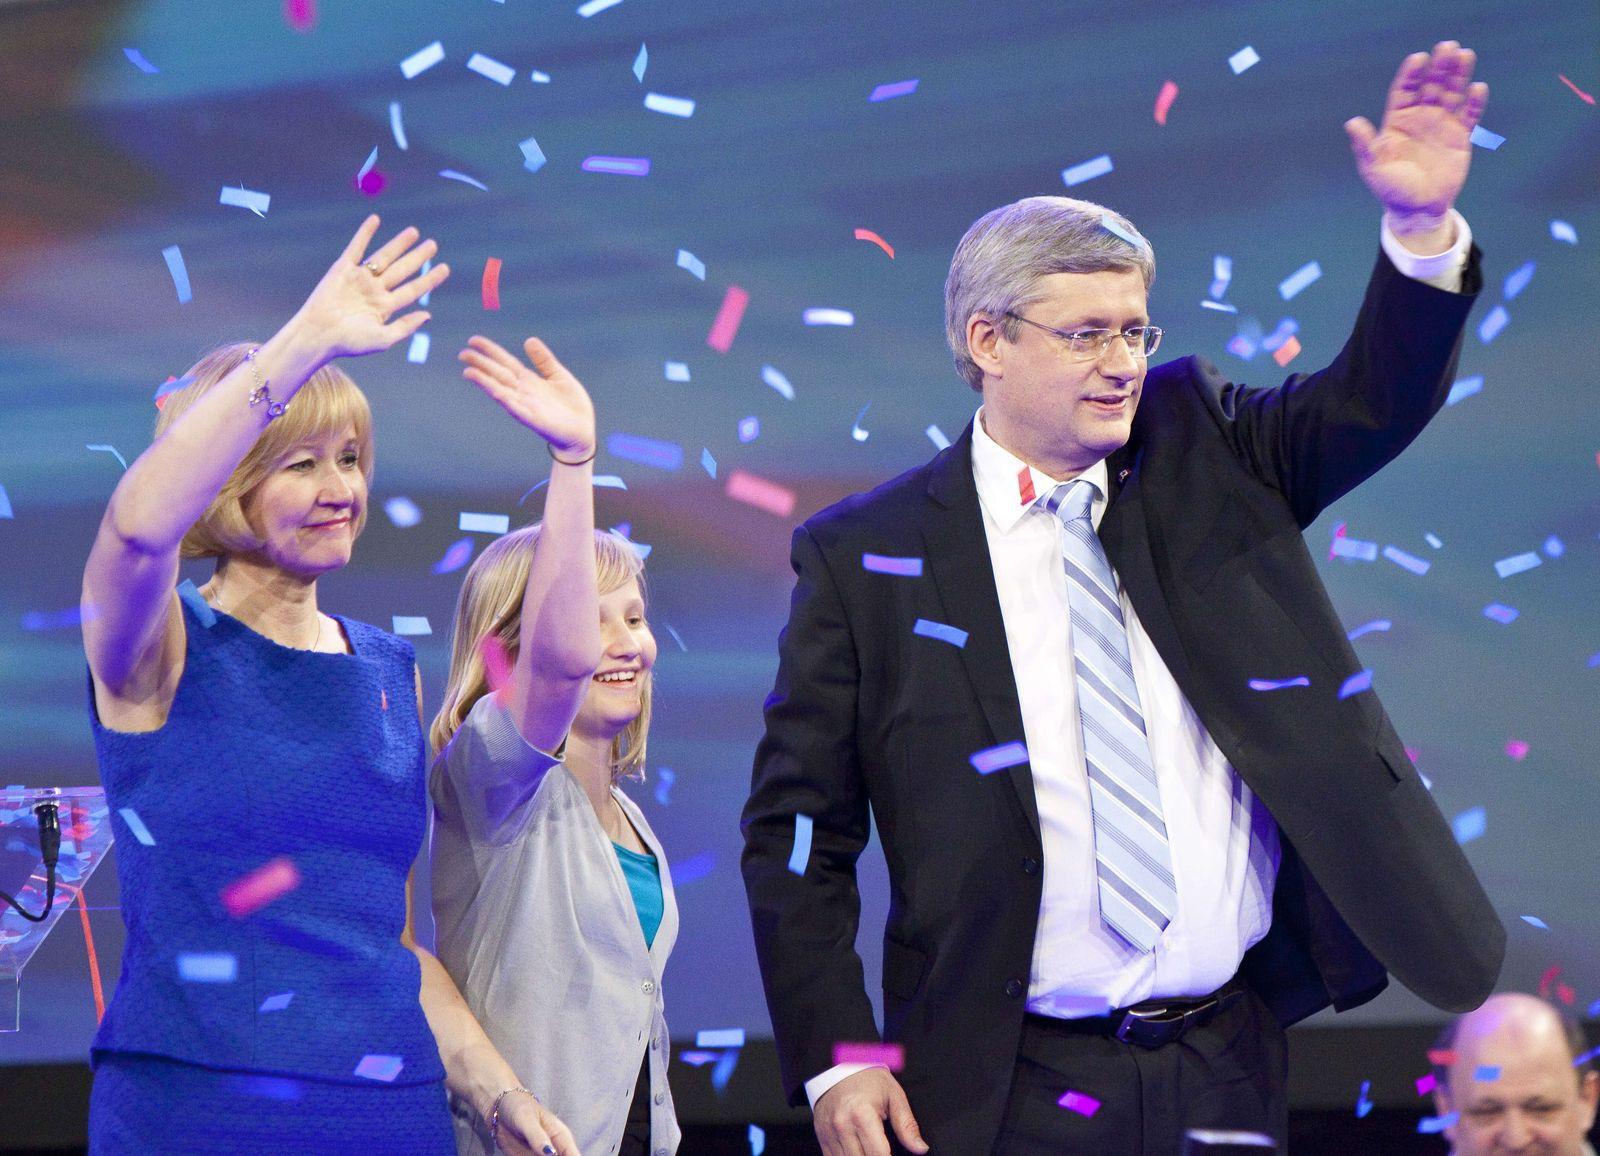 Kanada Stephen Harper